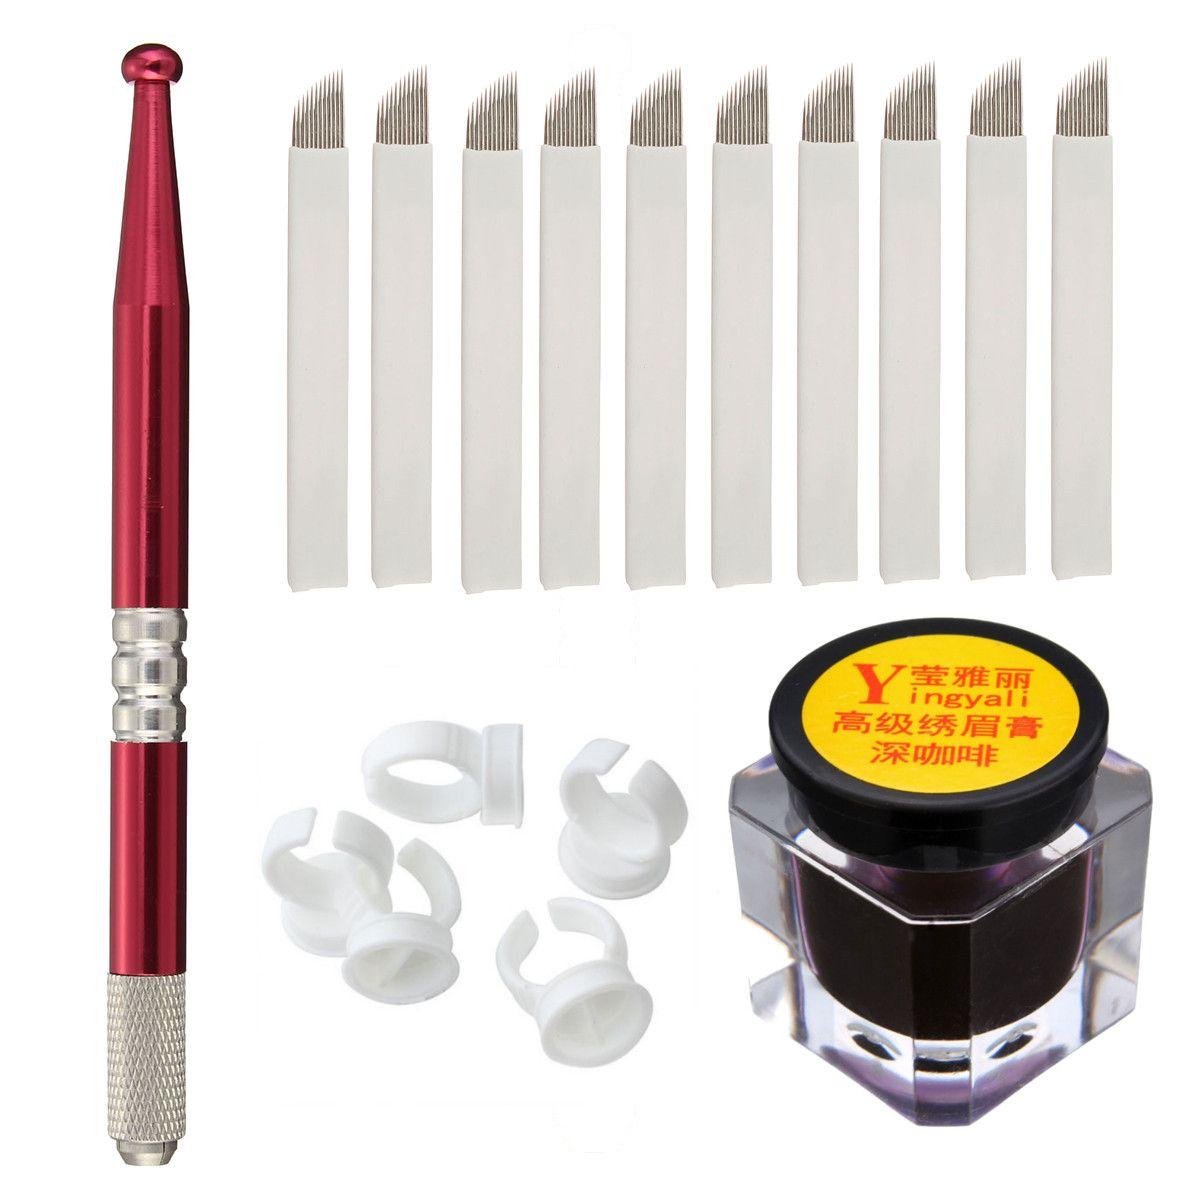 세미 영구 눈썹 메이크업 문신 키트 세트 Microblading 수동 문신 펜 + 18 핀 바늘 + 링 잉크 컵 + 문신 잉크